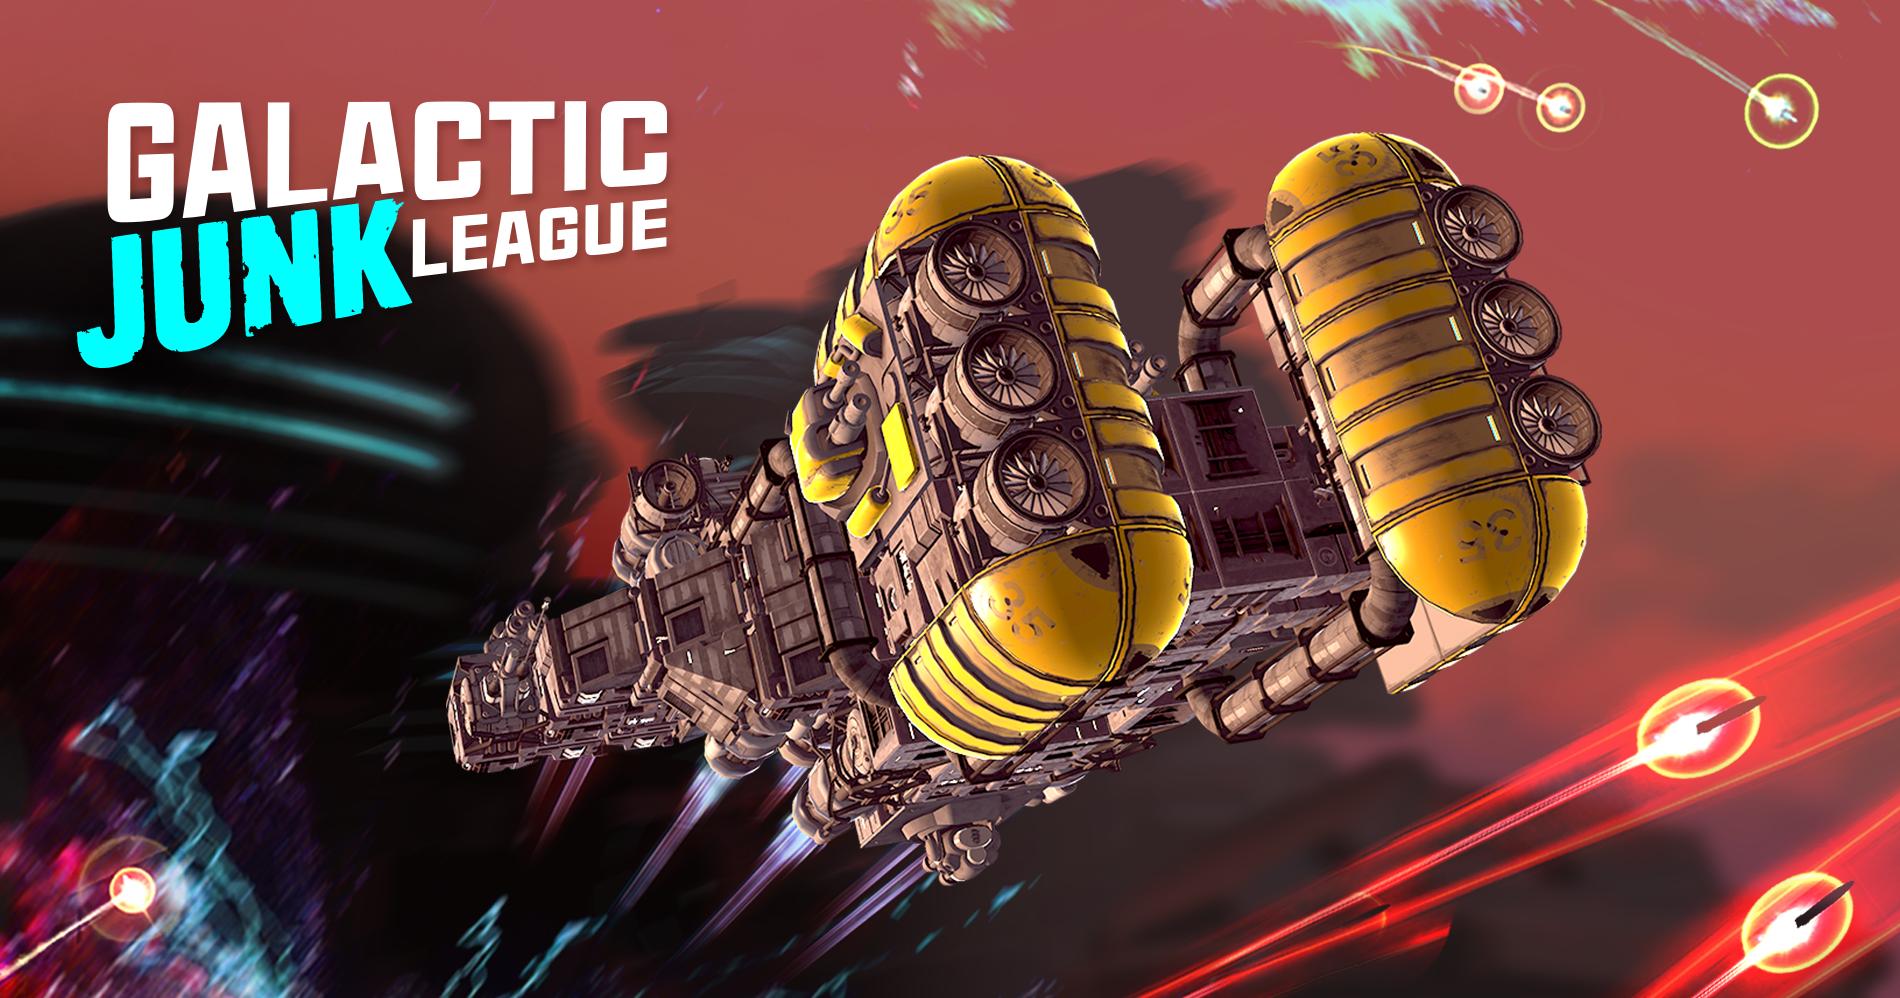 Construye tu propia nave y enfrentate a tus enemigos en Galactic Junk League. Fechas y detalles